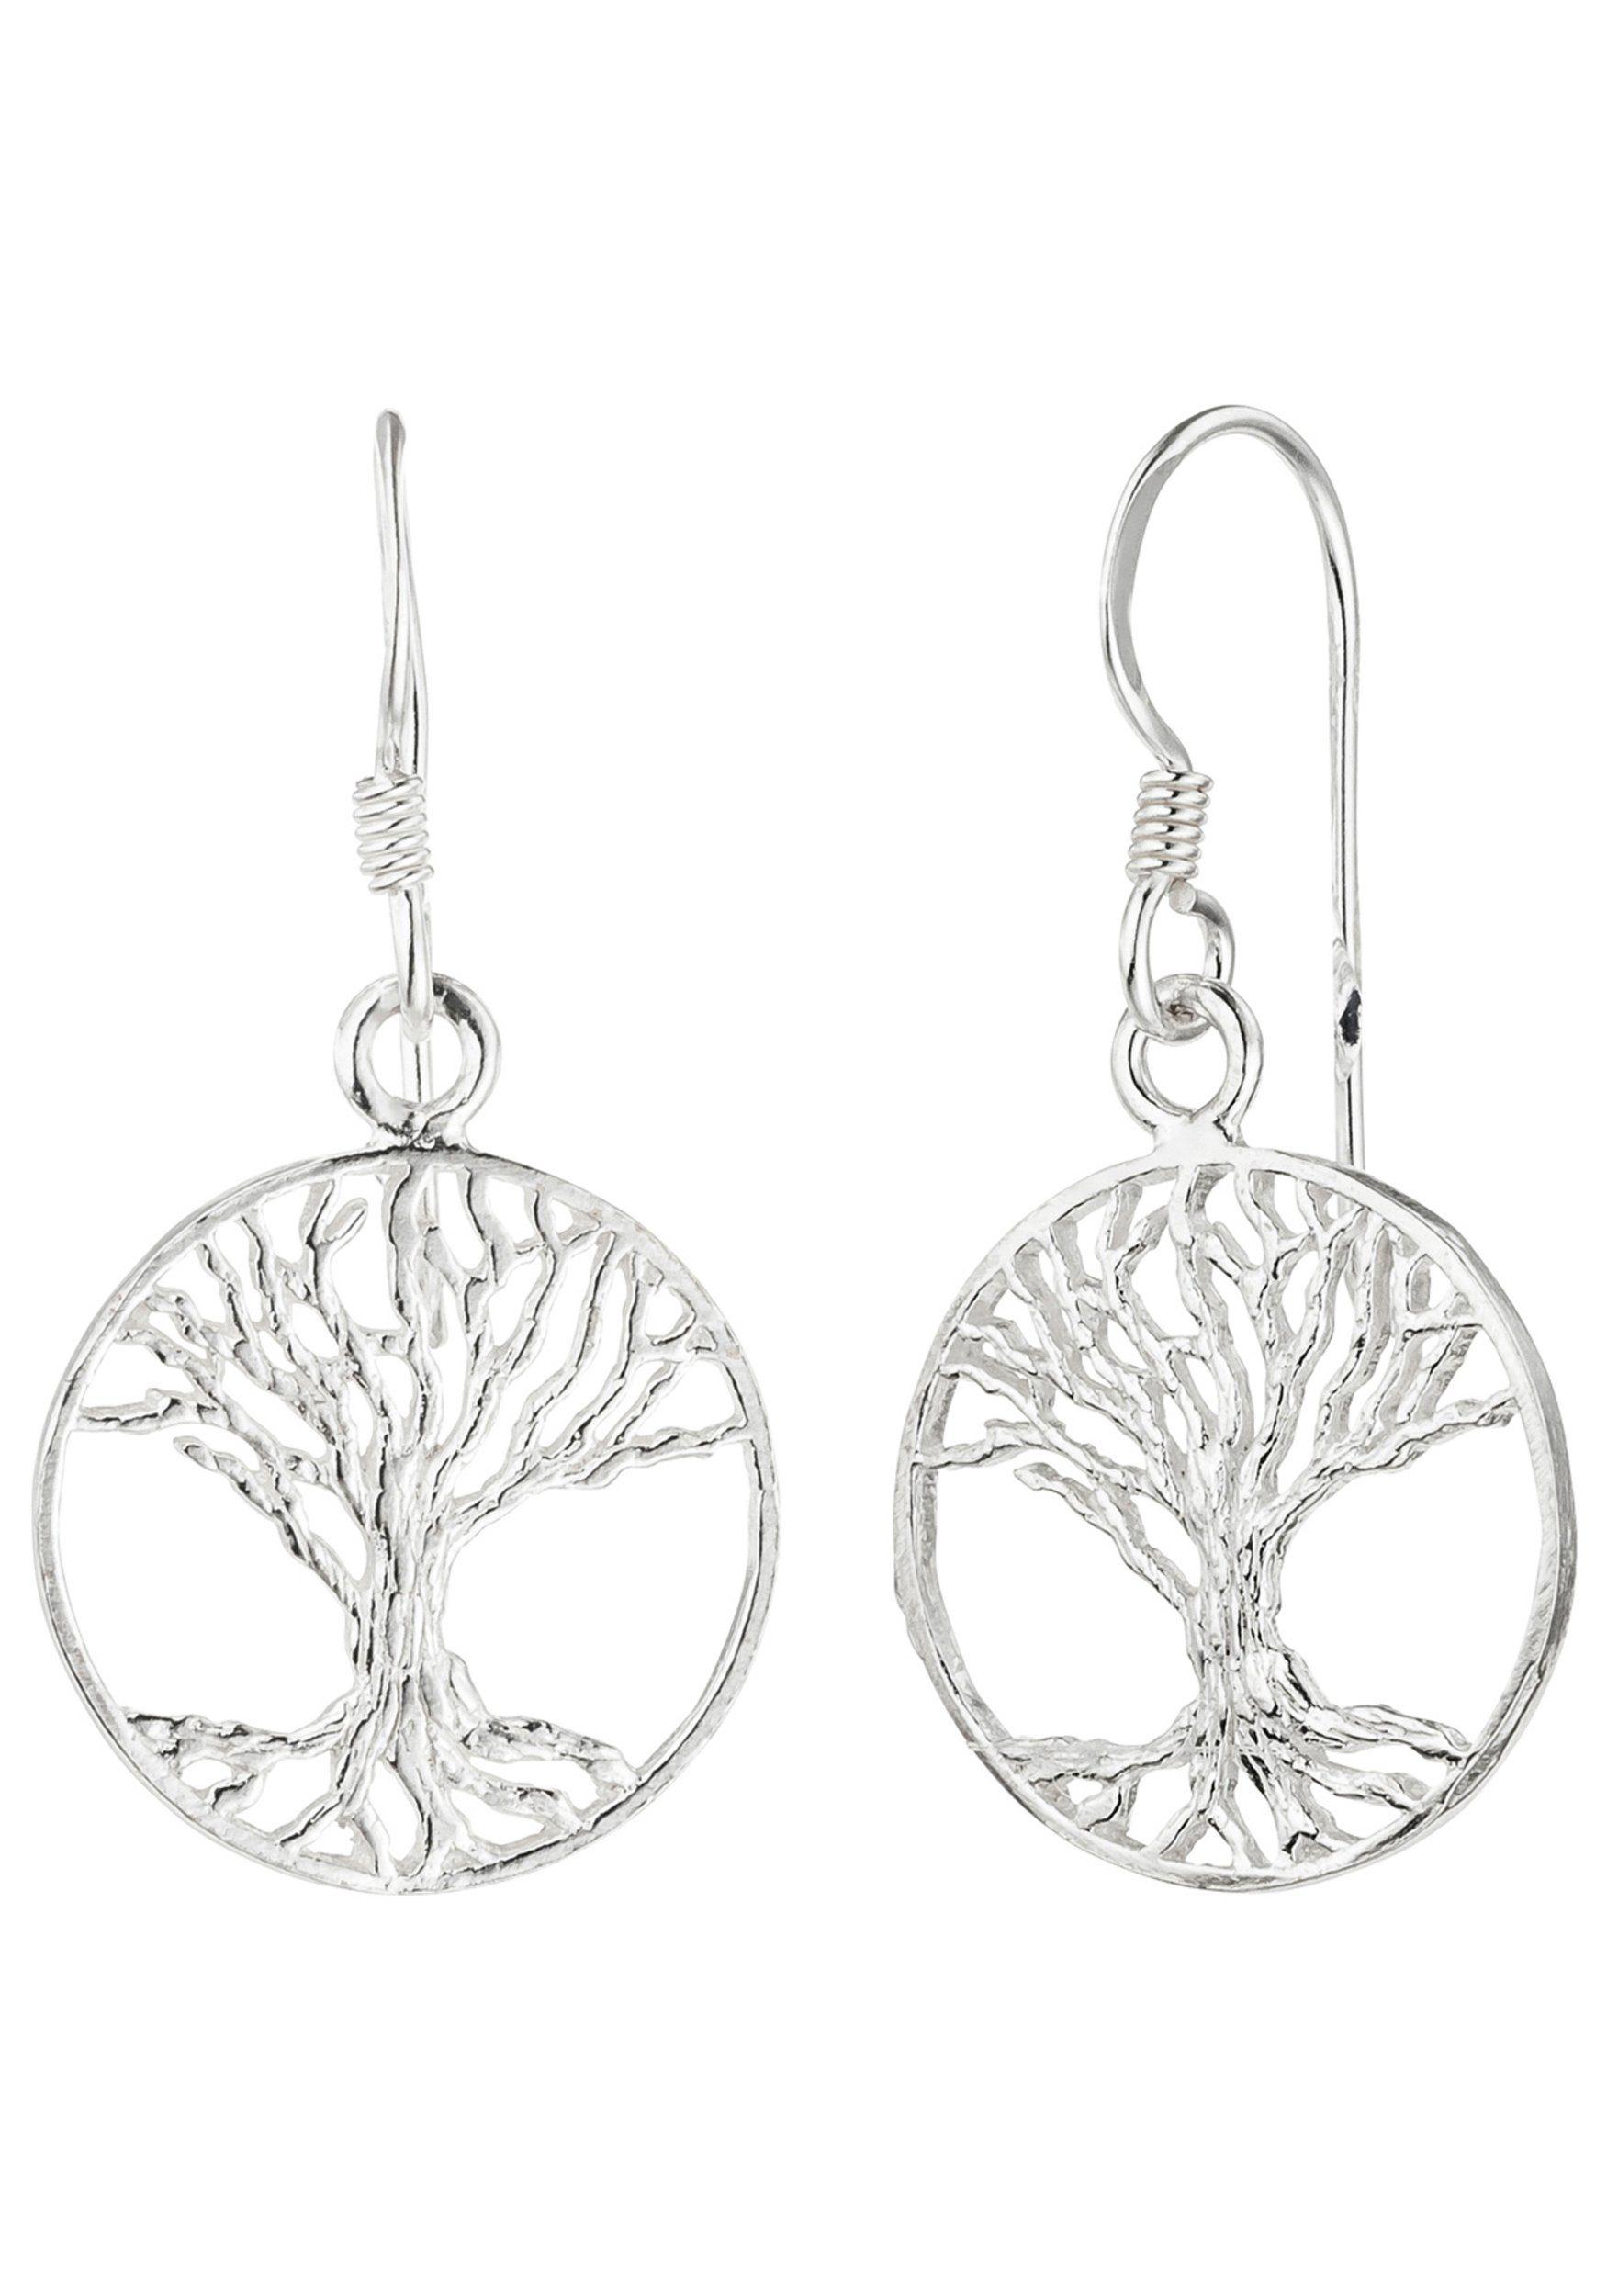 JOBO Paar Ohrhänger »Baum« 925 Silber